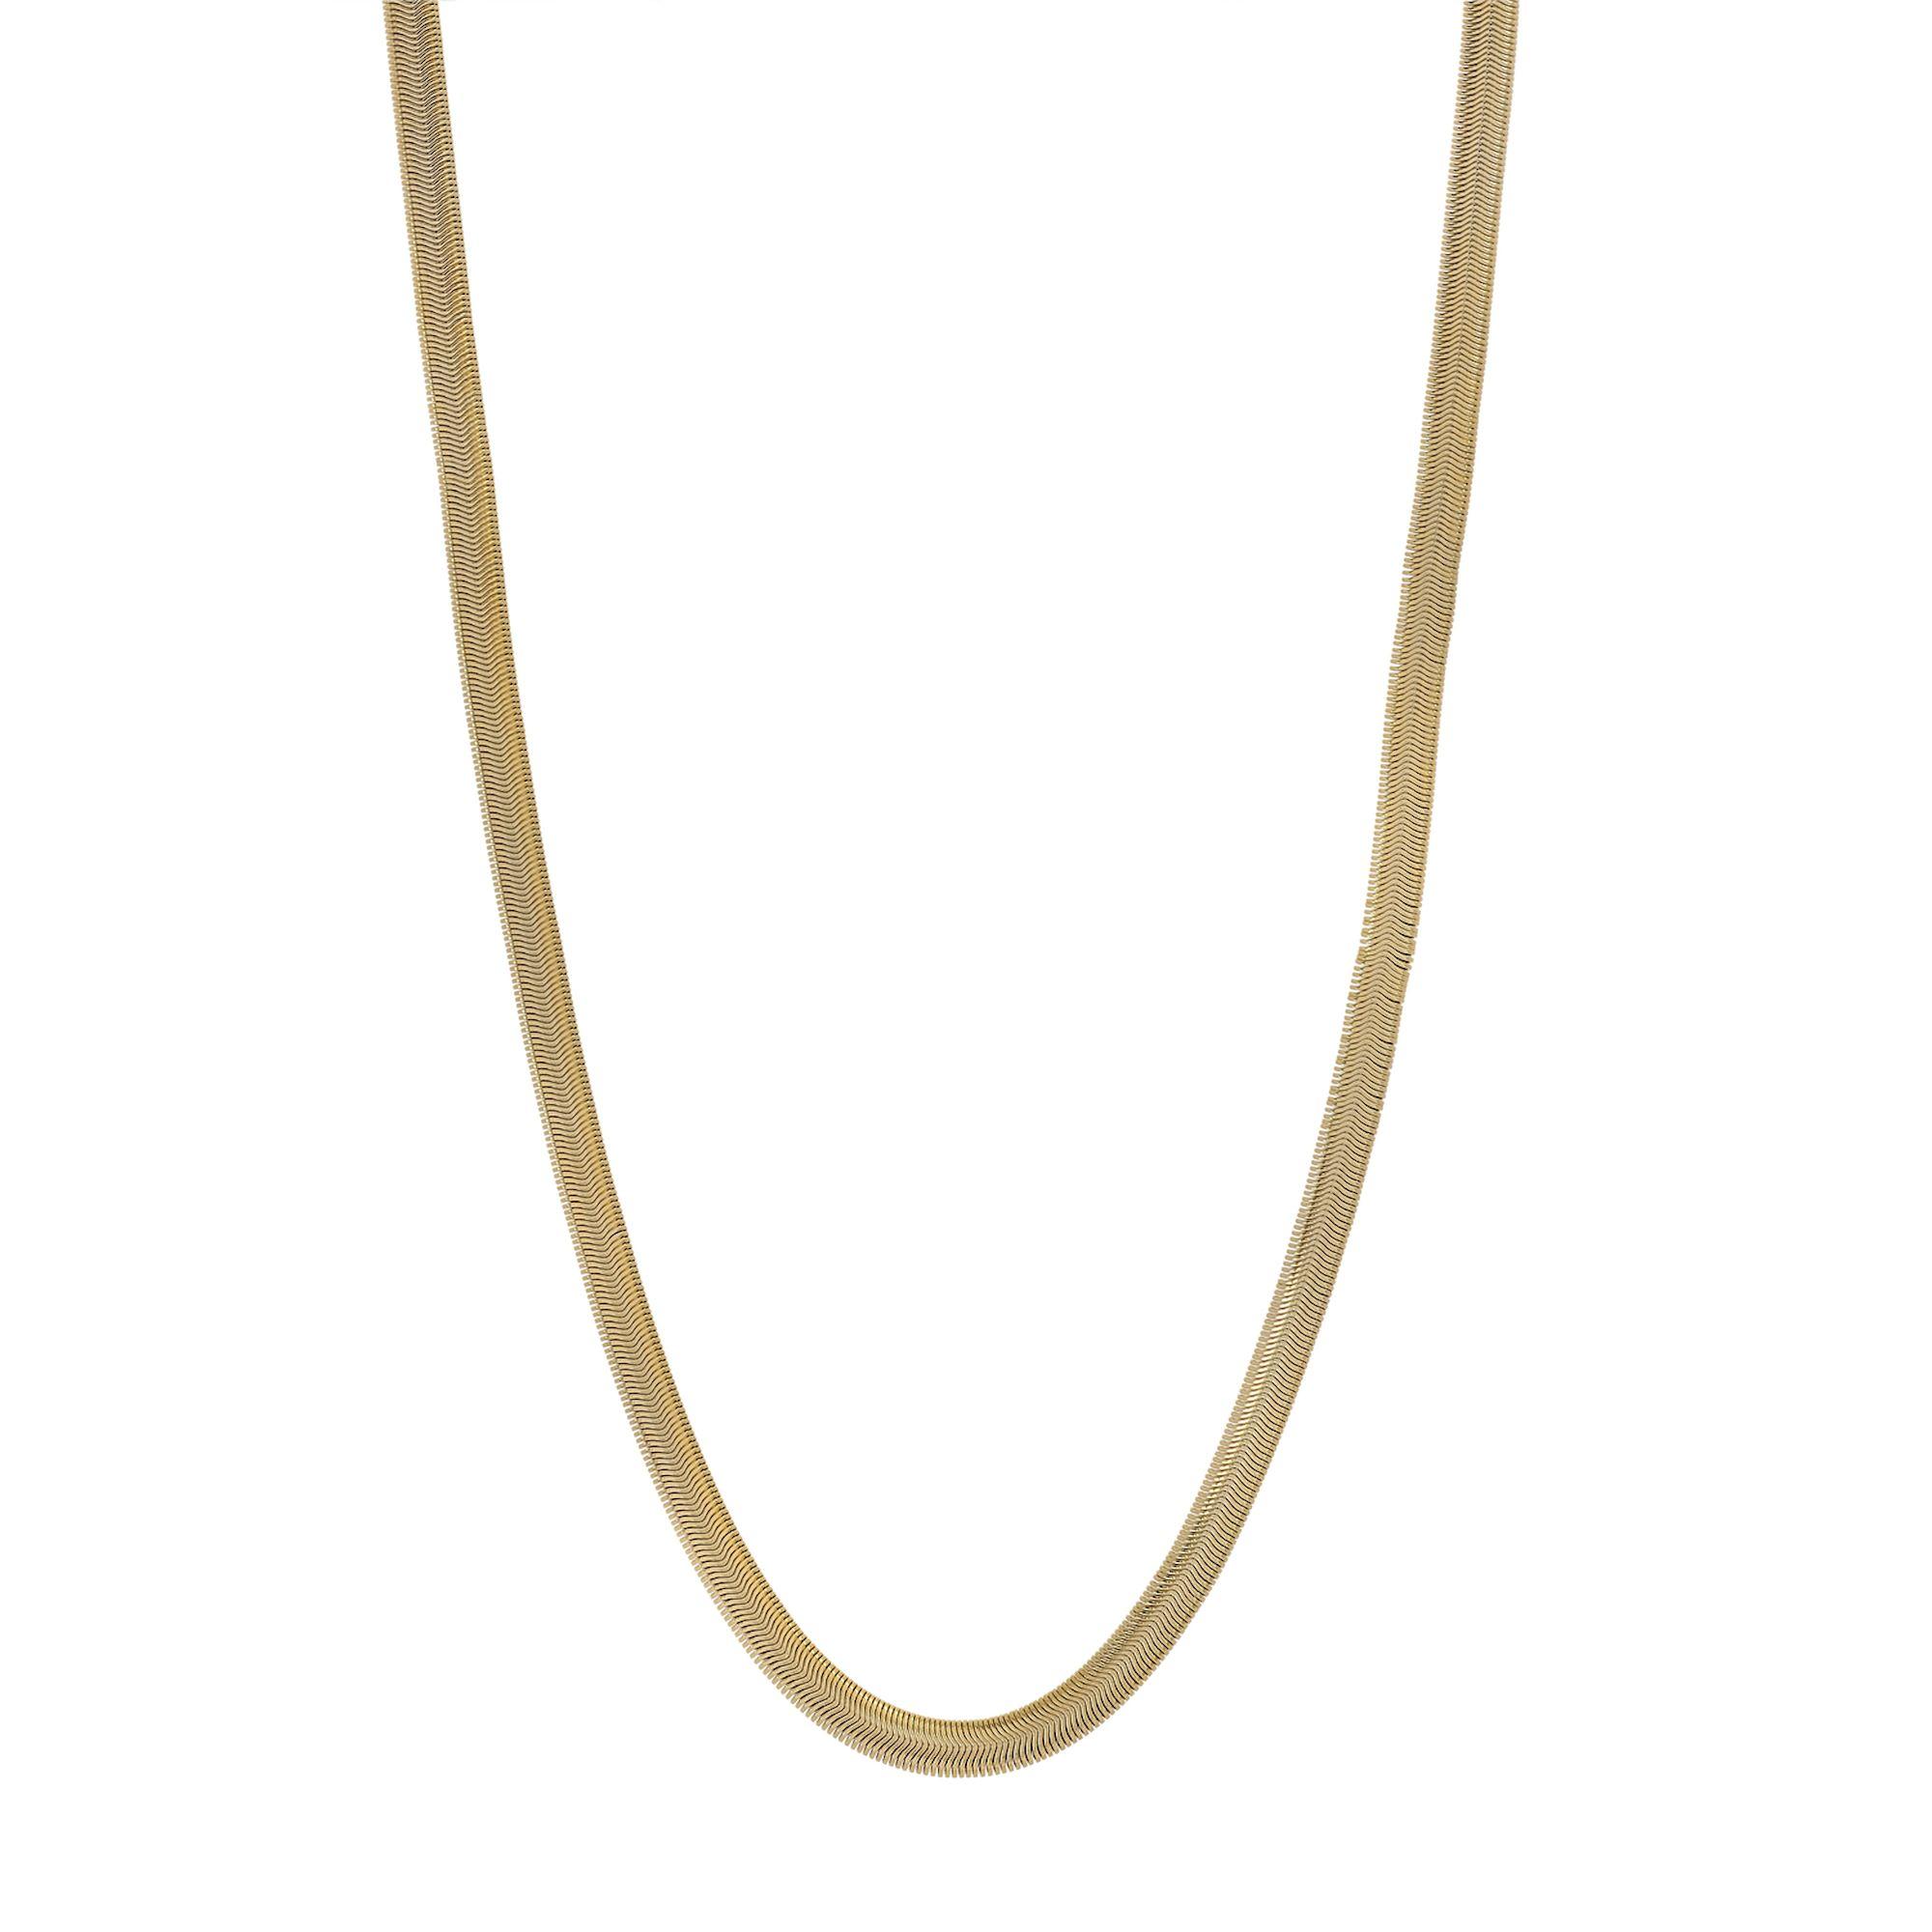 """Κολιέ Visetti Κίτρινο σε μορφή """"Ελατηρίου"""" MS-WKD066G, Κολιέ, Visetti, Δώρο για γυναίκα, Γυναικεία κολιέ Visetti, Δωρεάν Μεταφορικά, Αμεση Διαθεσιμότητα"""